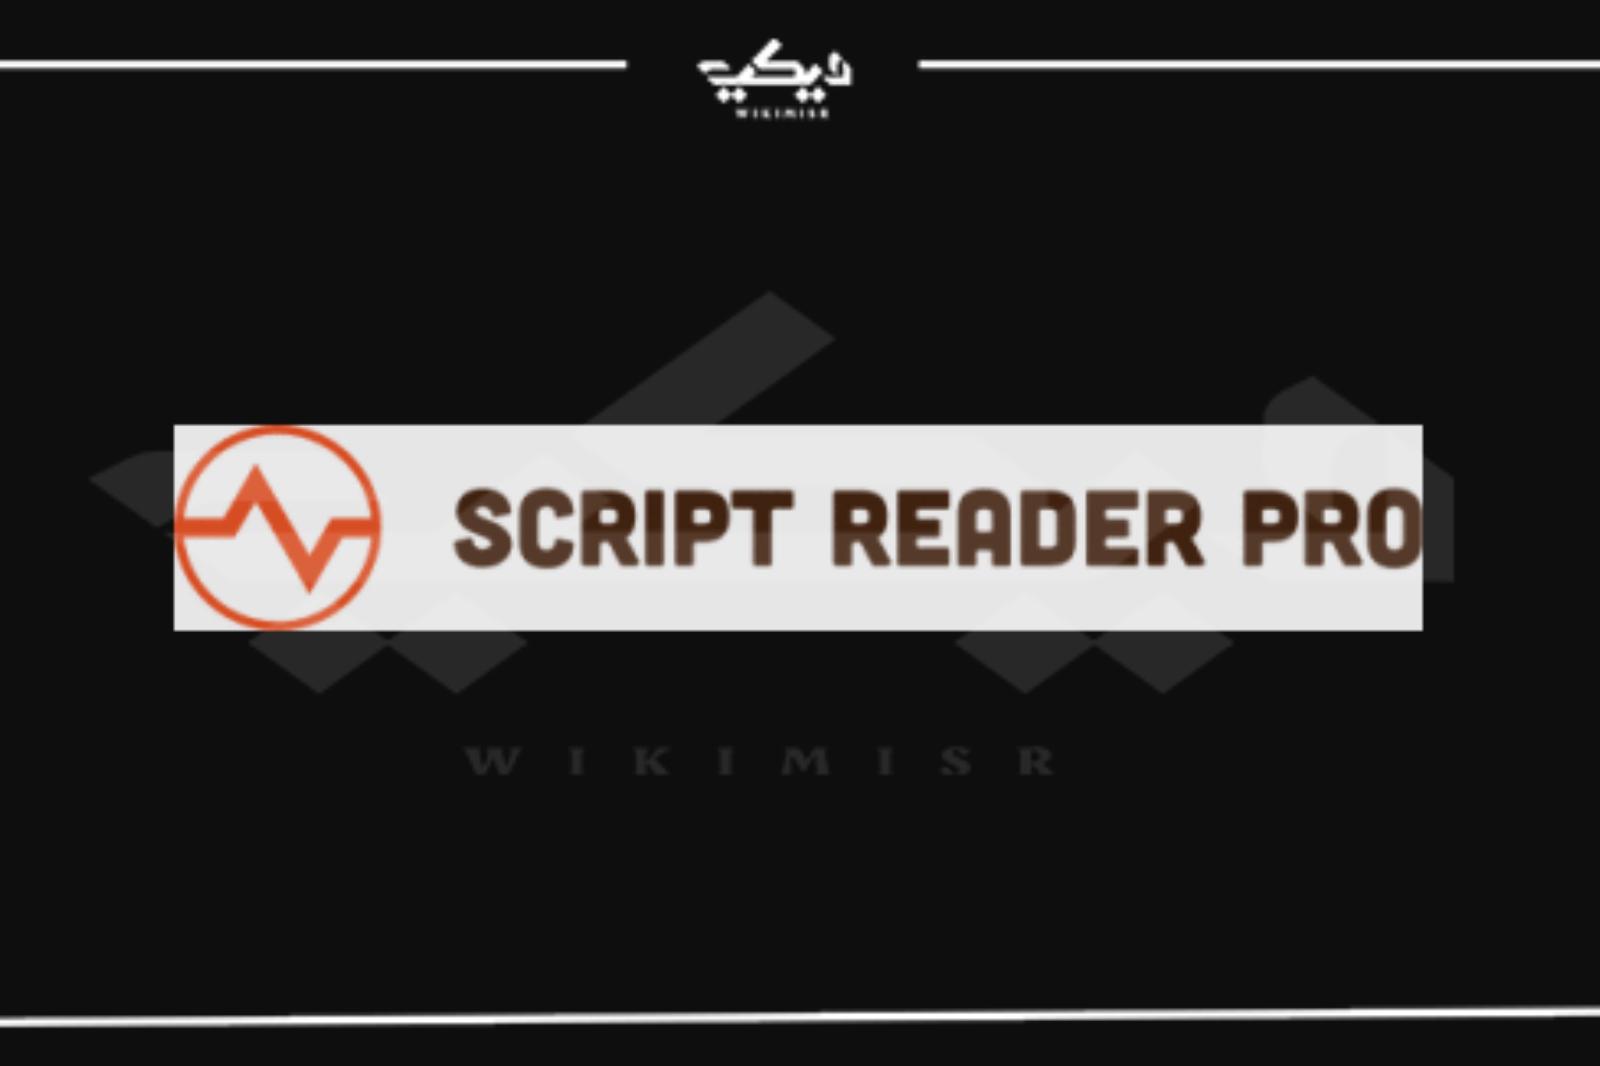 Script Reader Pro